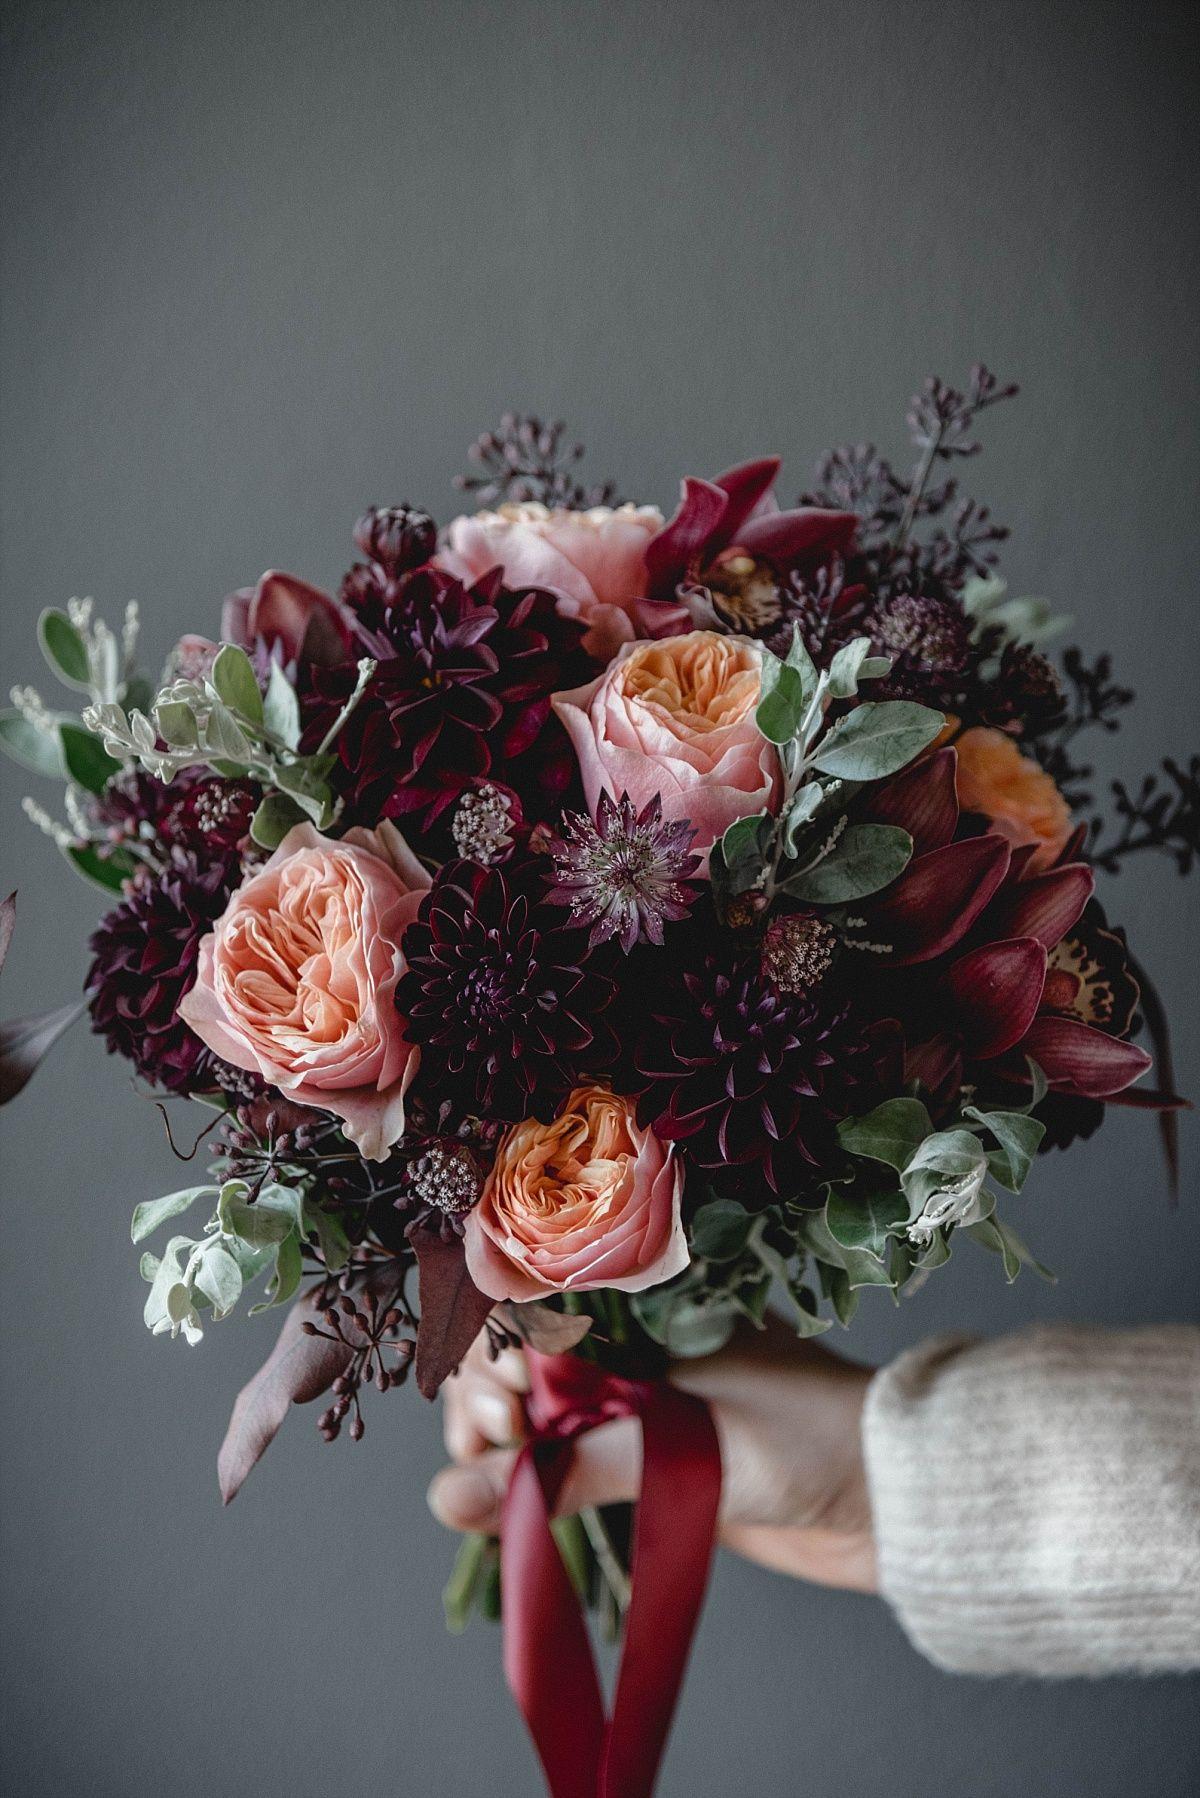 13 Ideen und Beispiele für euren Brautstrauß 2019 | Hochzeitsblog The Little Wedding Corner